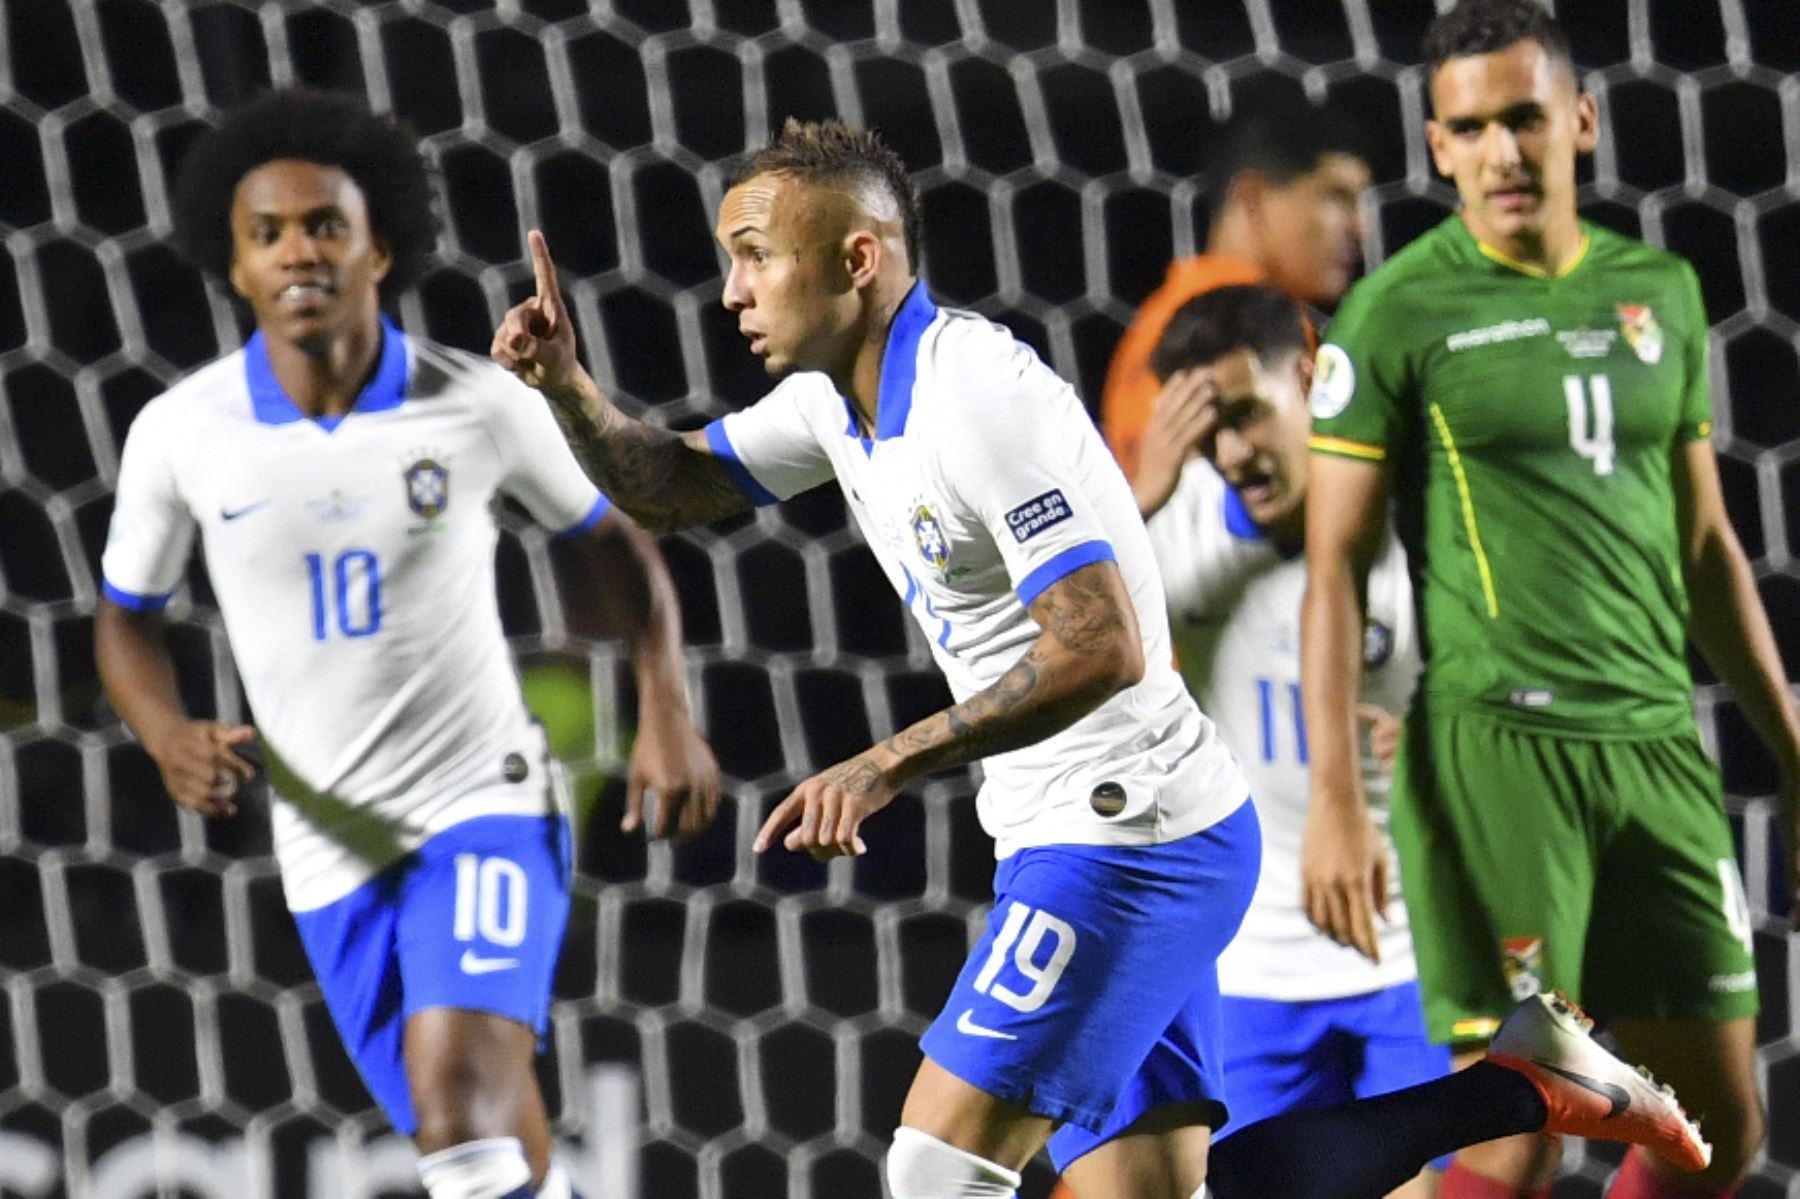 El Everton (C) de Brasil se celebra después de anotar contra Bolivia durante su partido de torneo de fútbol de la Copa América en el estadio Morumbi, en Sao Paulo, Brasil.Foto.AFP